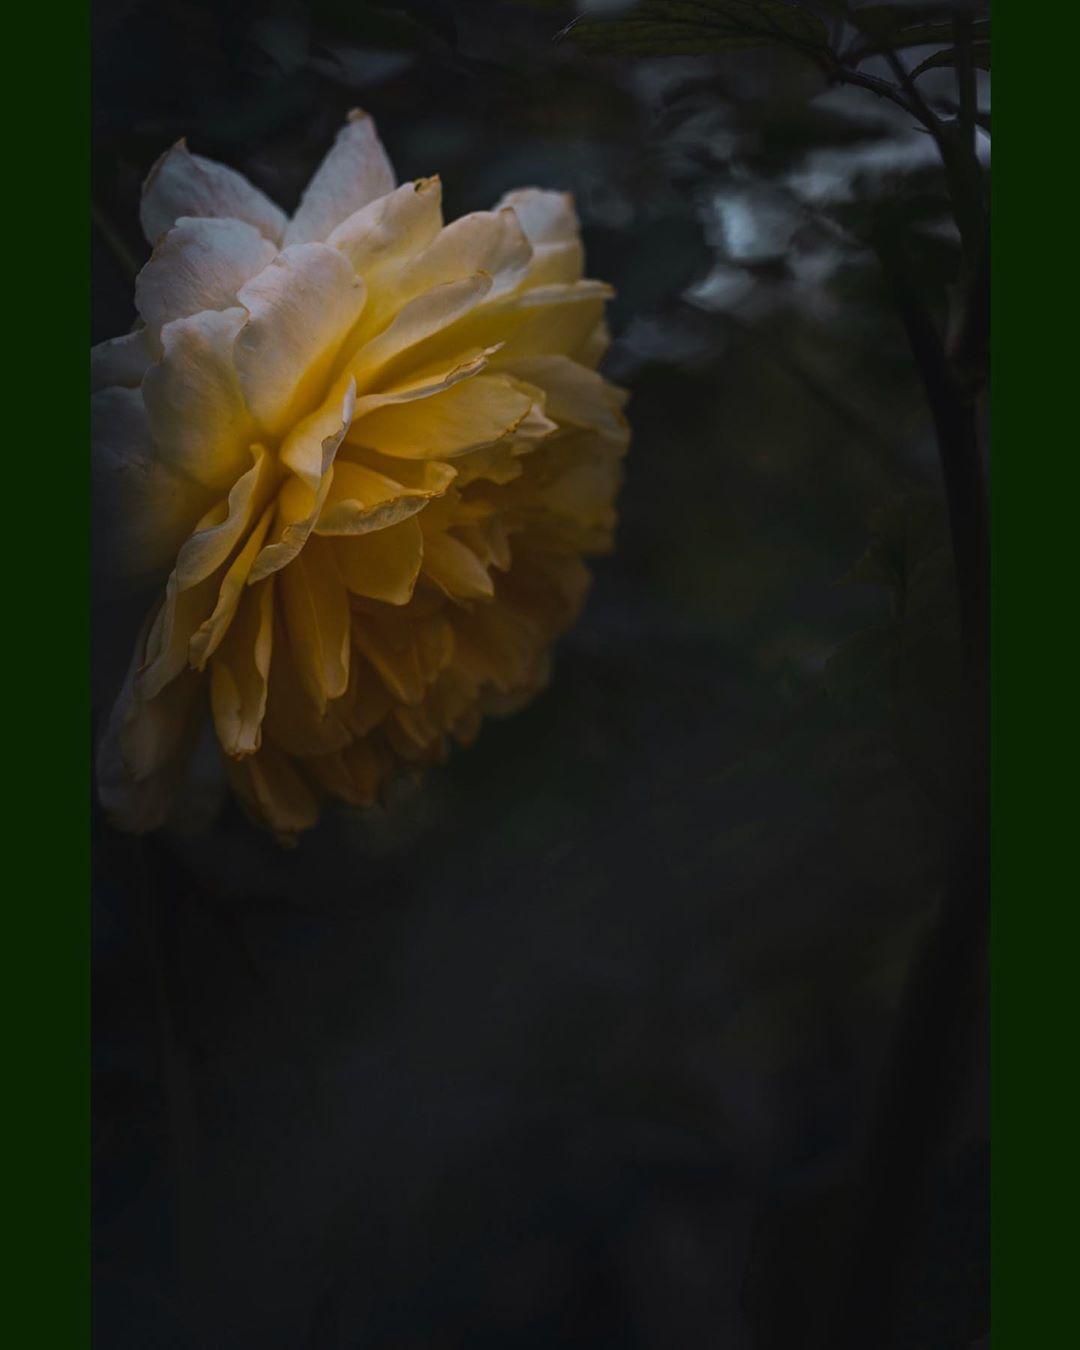 """. . 「重大発表""""とかいう平成の負の遺産」 . 結果発表""""(cv:浜田雅功)とかいう平成の正の遺産。 ... .. . #igersjp  #instagramjapan  #lovers_amazing_group  #ptk_flowers  #ig_PHOS  #RECO_ig  #team_jp_  #flowerstagram  #wp_flower  #flower_special_  #nature_special_  #lovers_garden  #inspring_shot  #unsquares  #special_friend___  #ptk_love  #happy_rainbowclub_blue  #写真好きな人と繋がりたい  #キリトリセカイ  #広がり同盟  #花の写真館  #カメラ散歩倶楽部  #macro  #はなまっぷ  #神戸カメラ部  #名前のない写真部  #薔薇  #rose  #マクロ"""